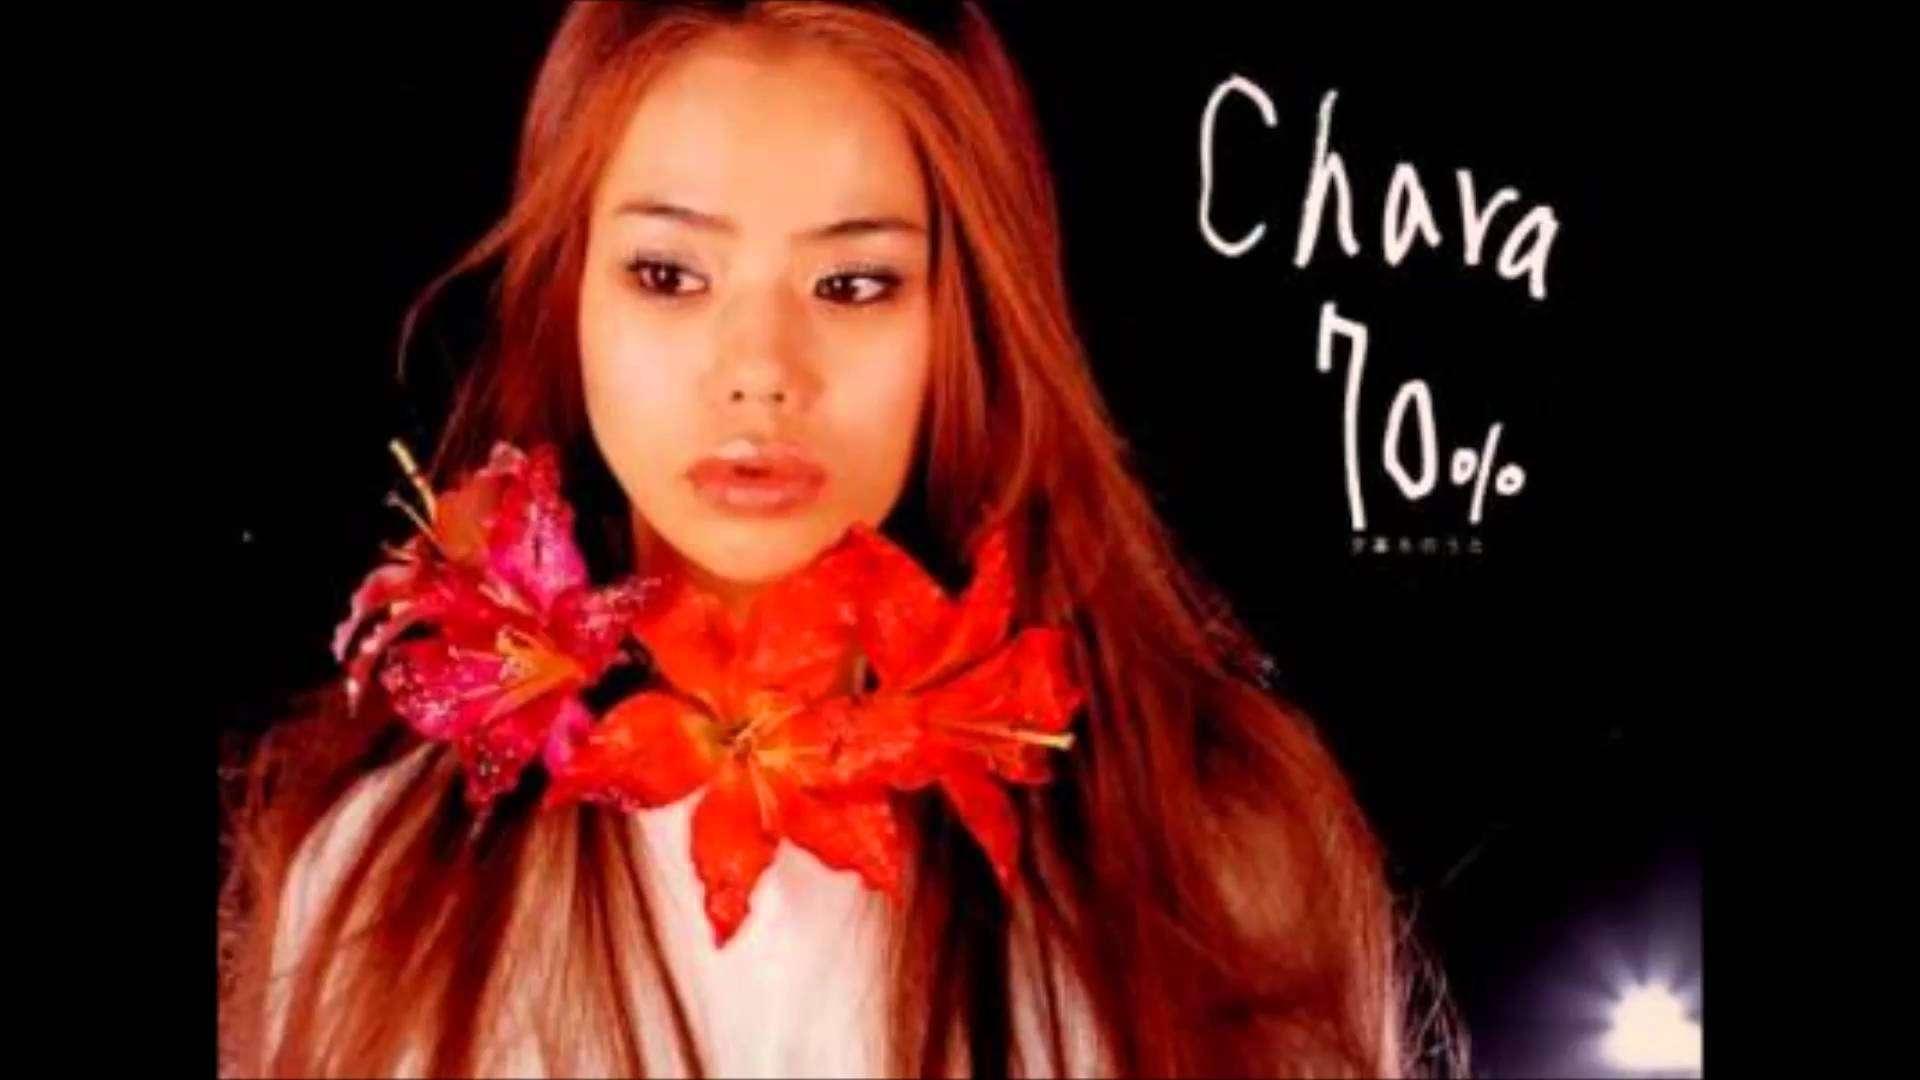 Chara - 70%—夕暮れのうた - YouTube